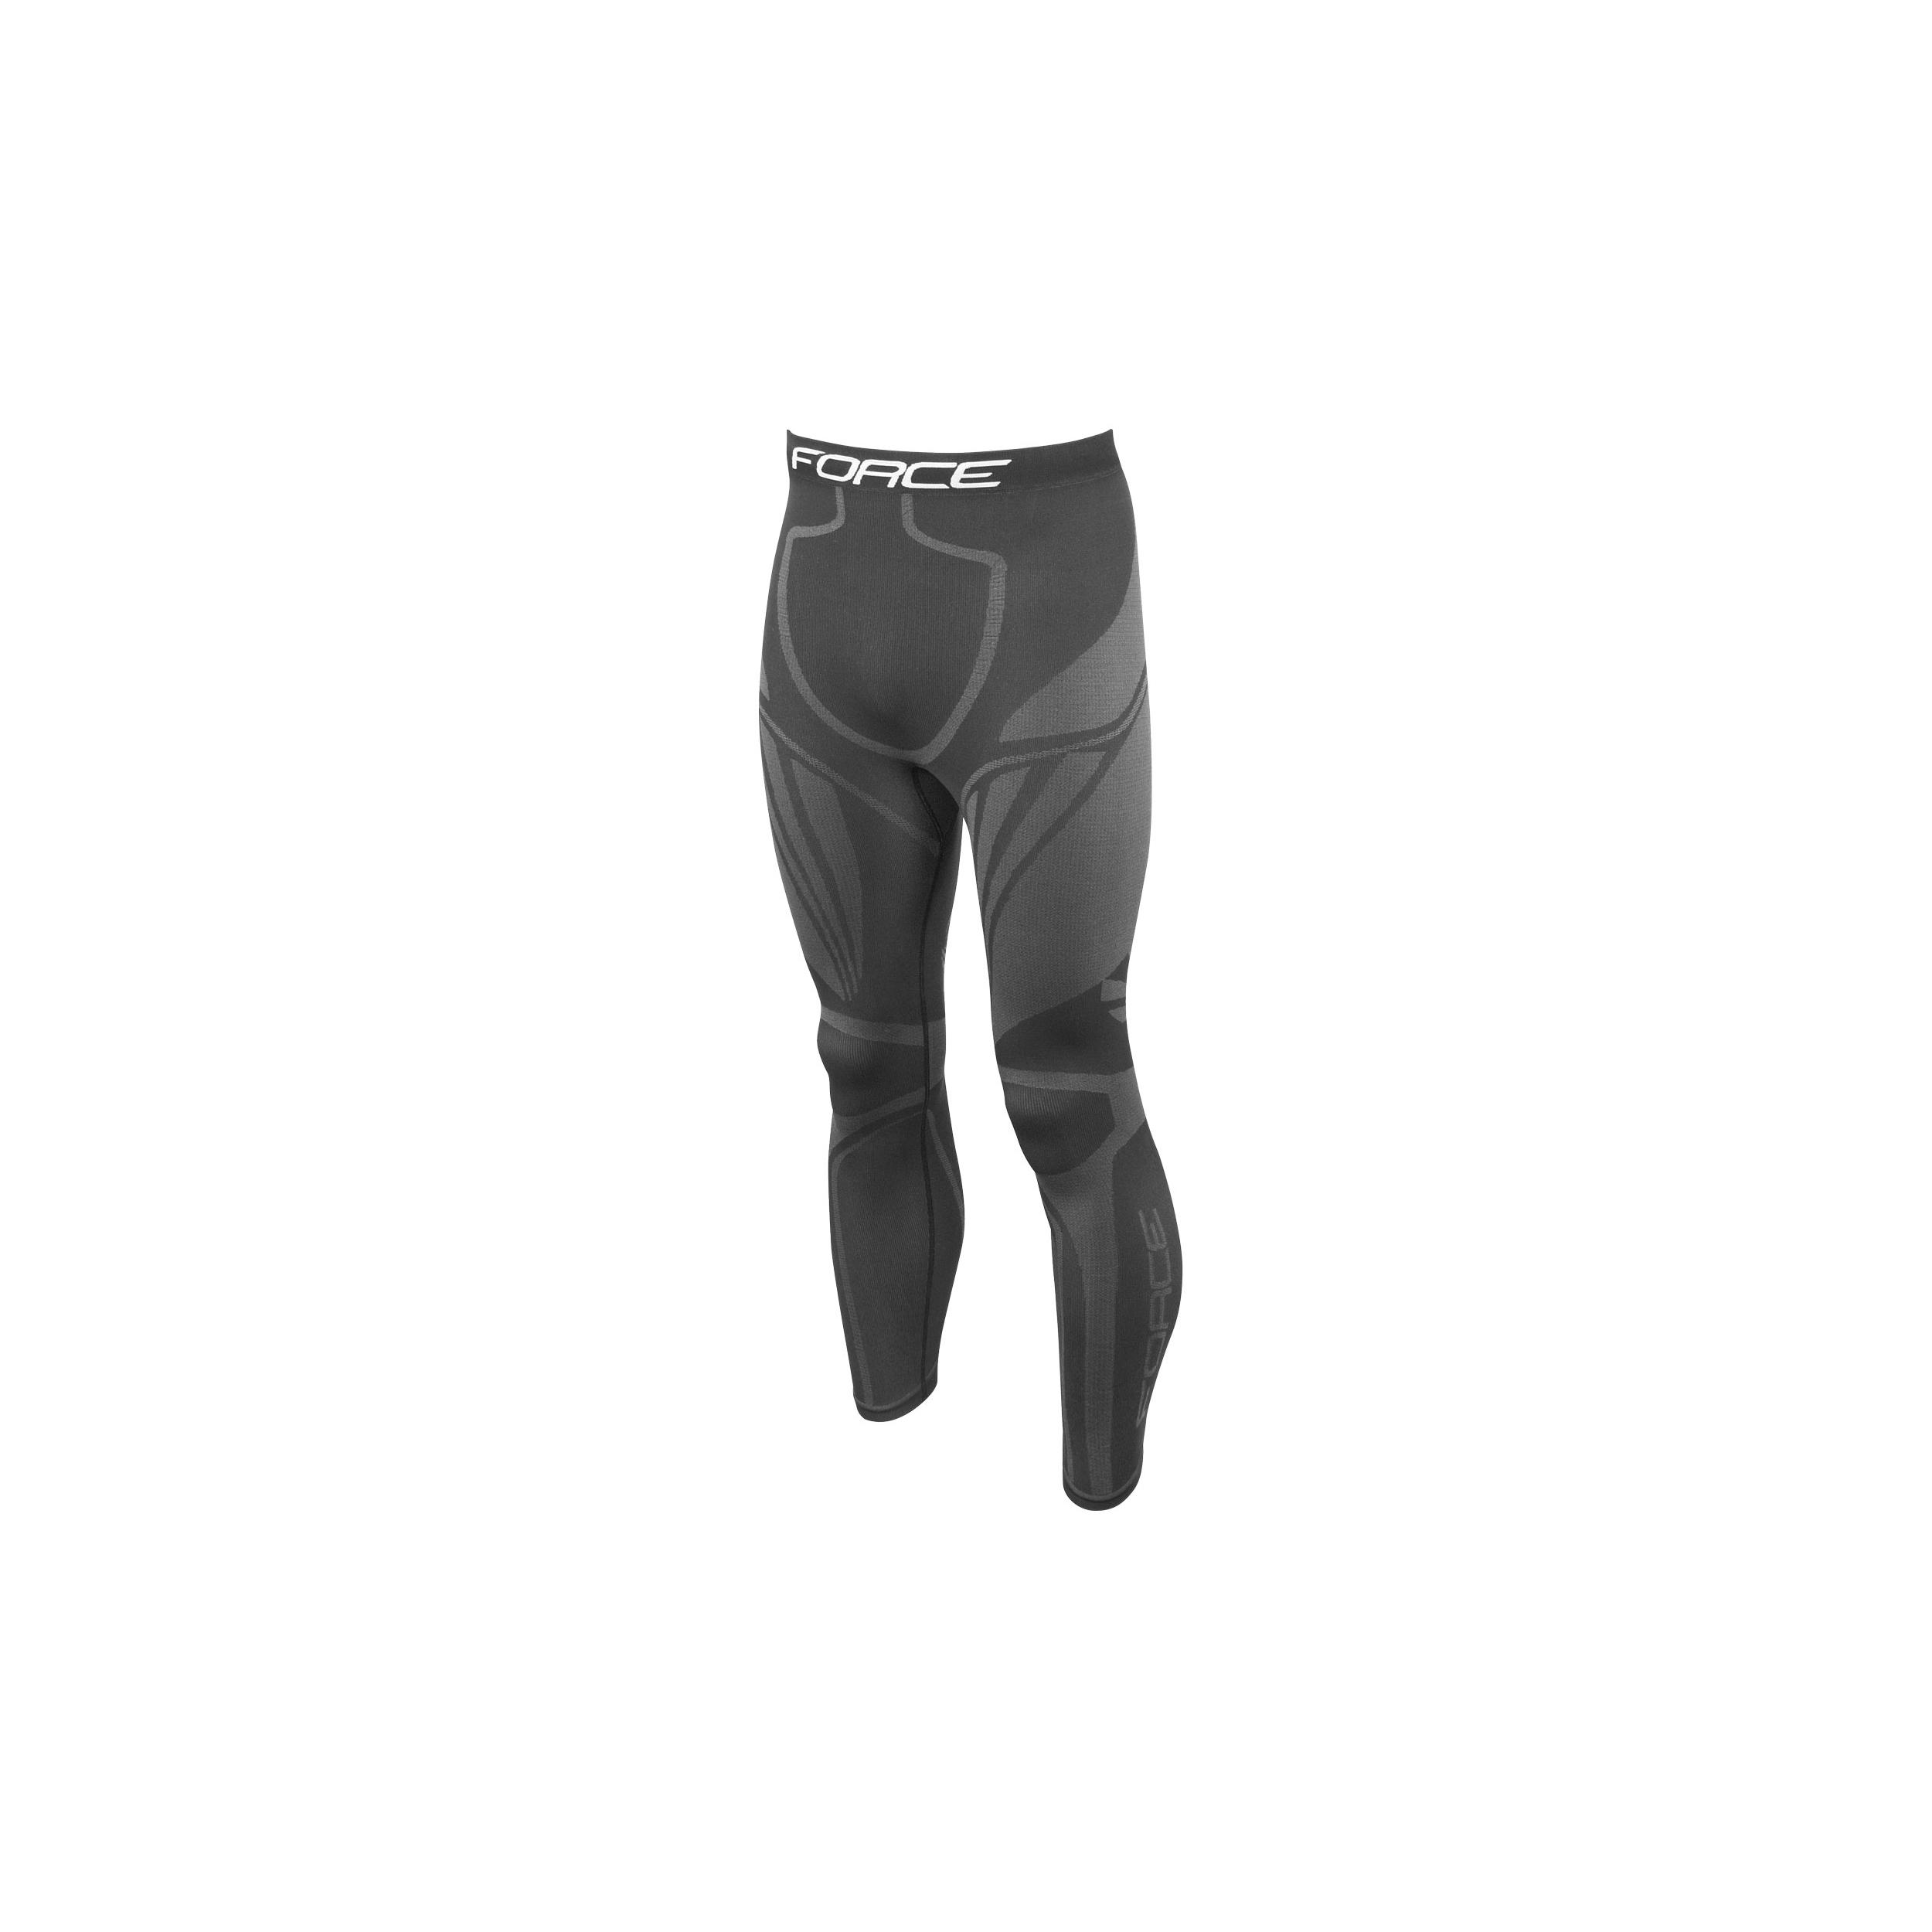 Kalhoty/Funkční prádlo FORCE FROST, černé S-M